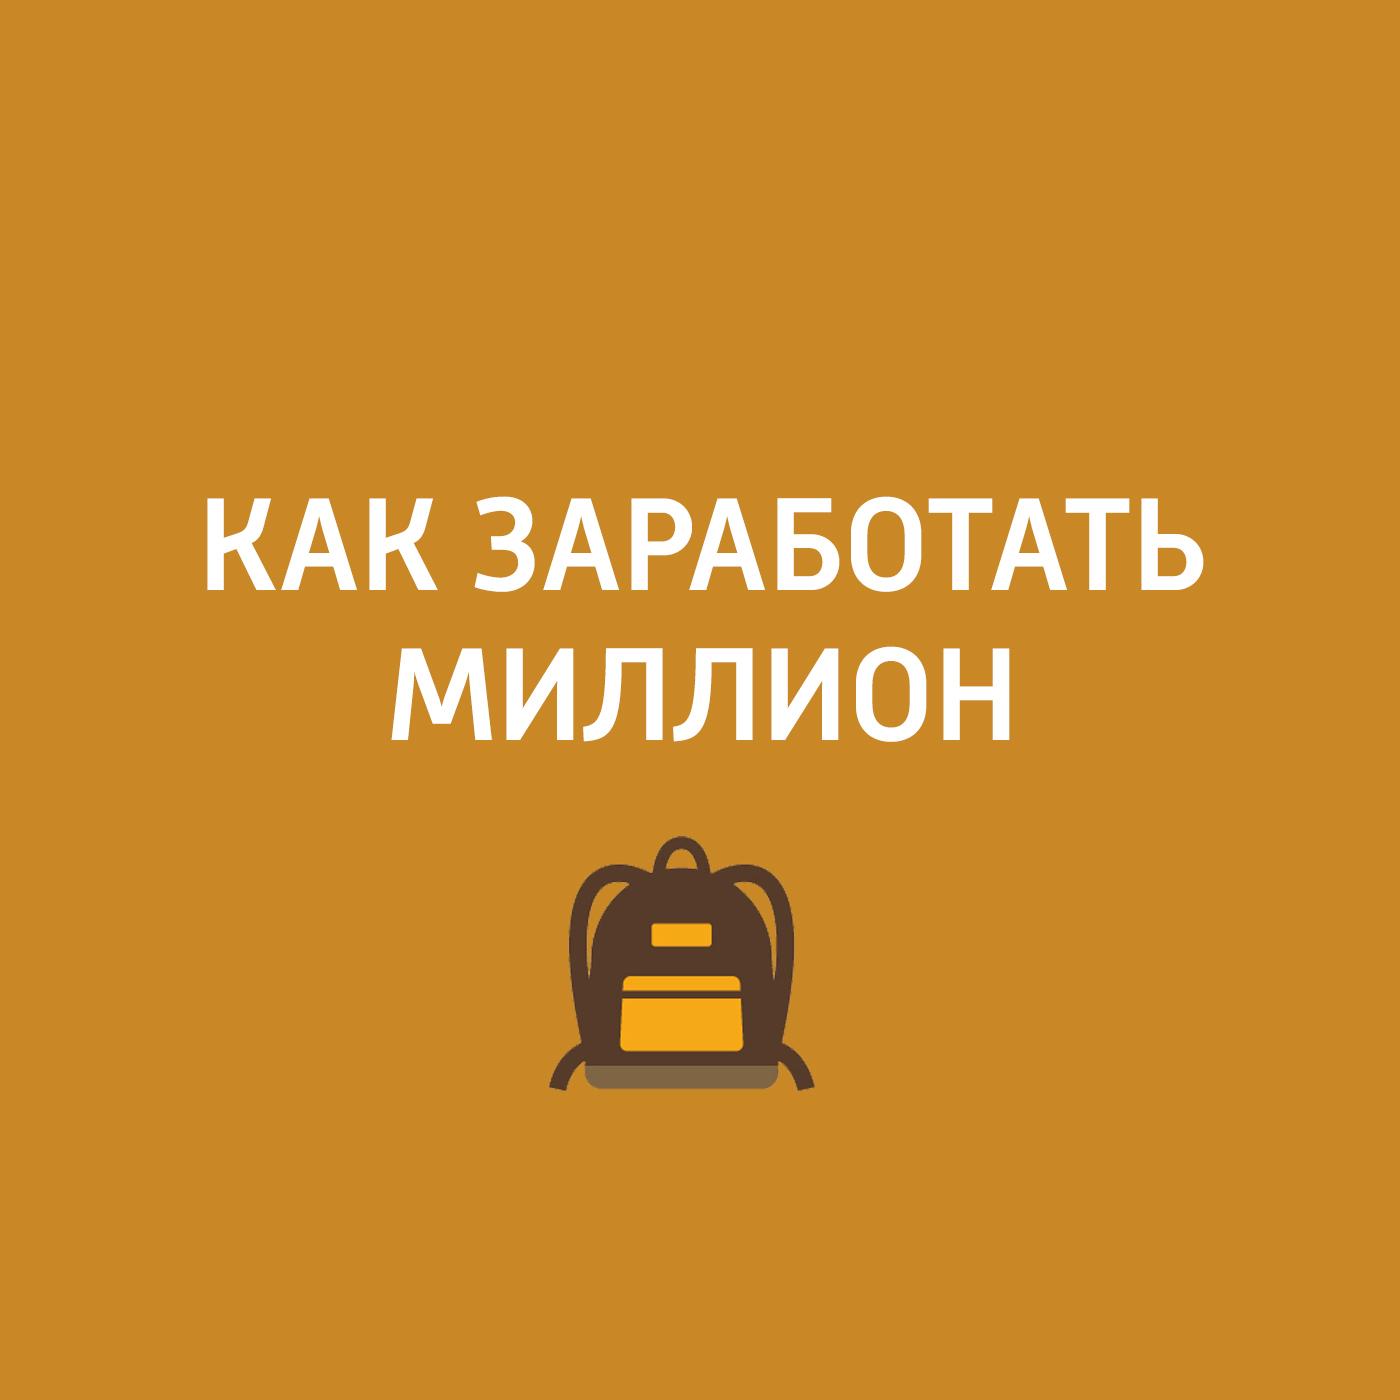 Творческий коллектив шоу «Сергей Стиллавин и его друзья» Happystation.ru для кухни вещи